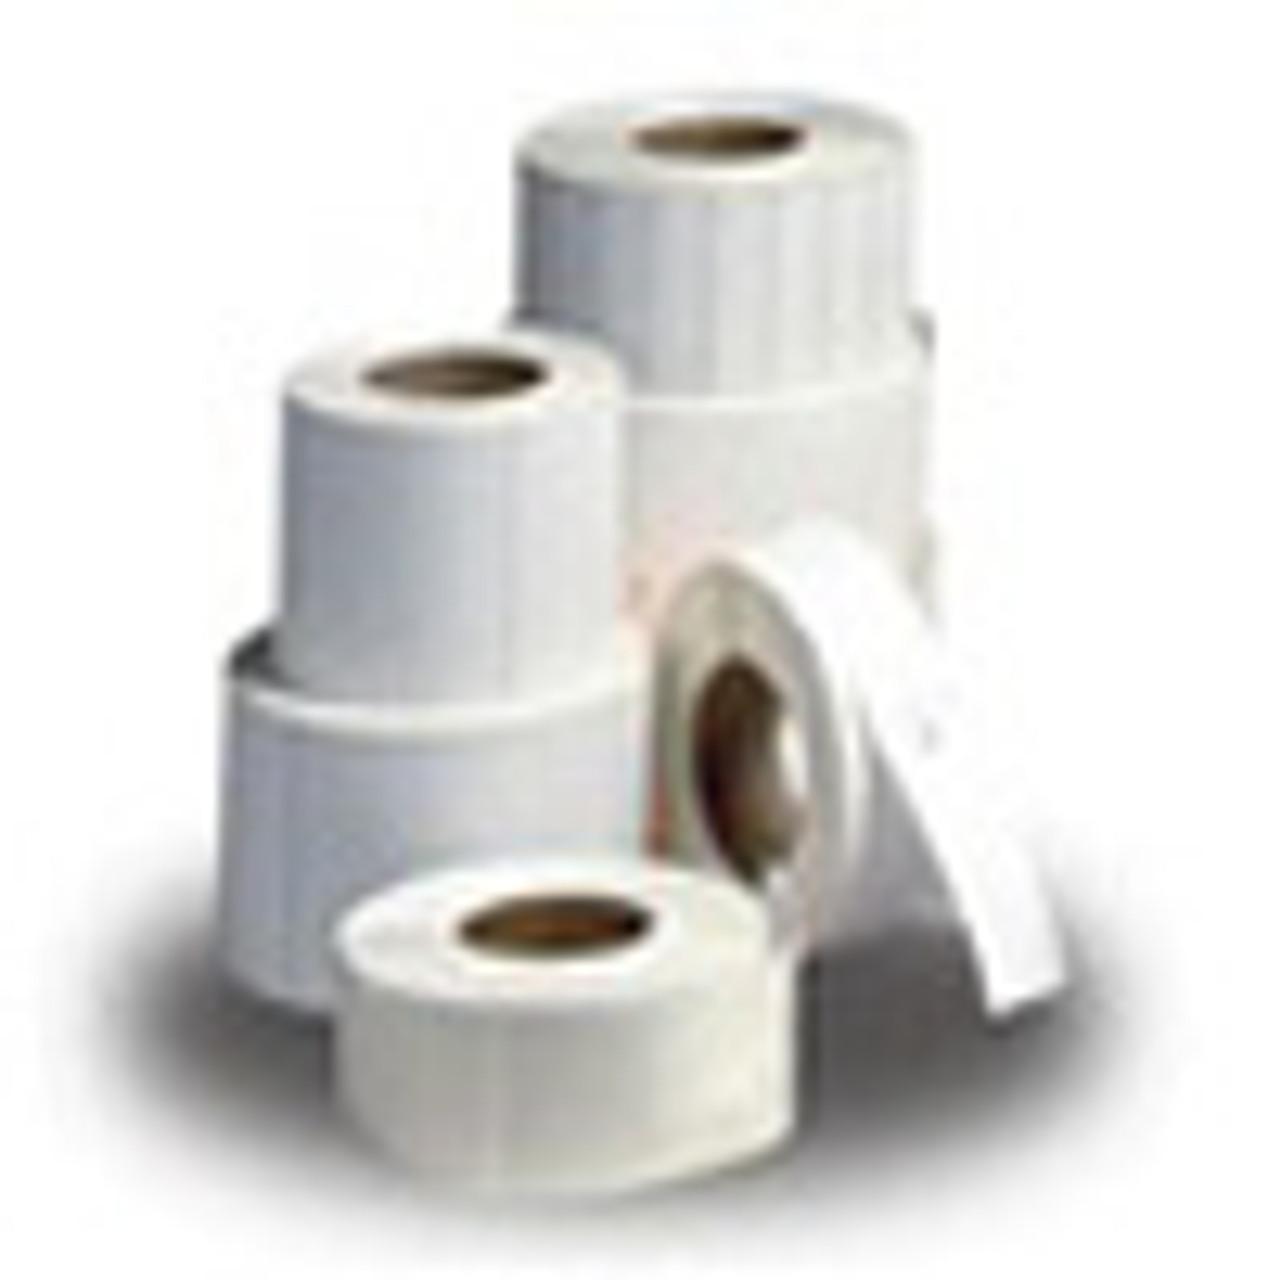 TTP 2130 Receipt Paper